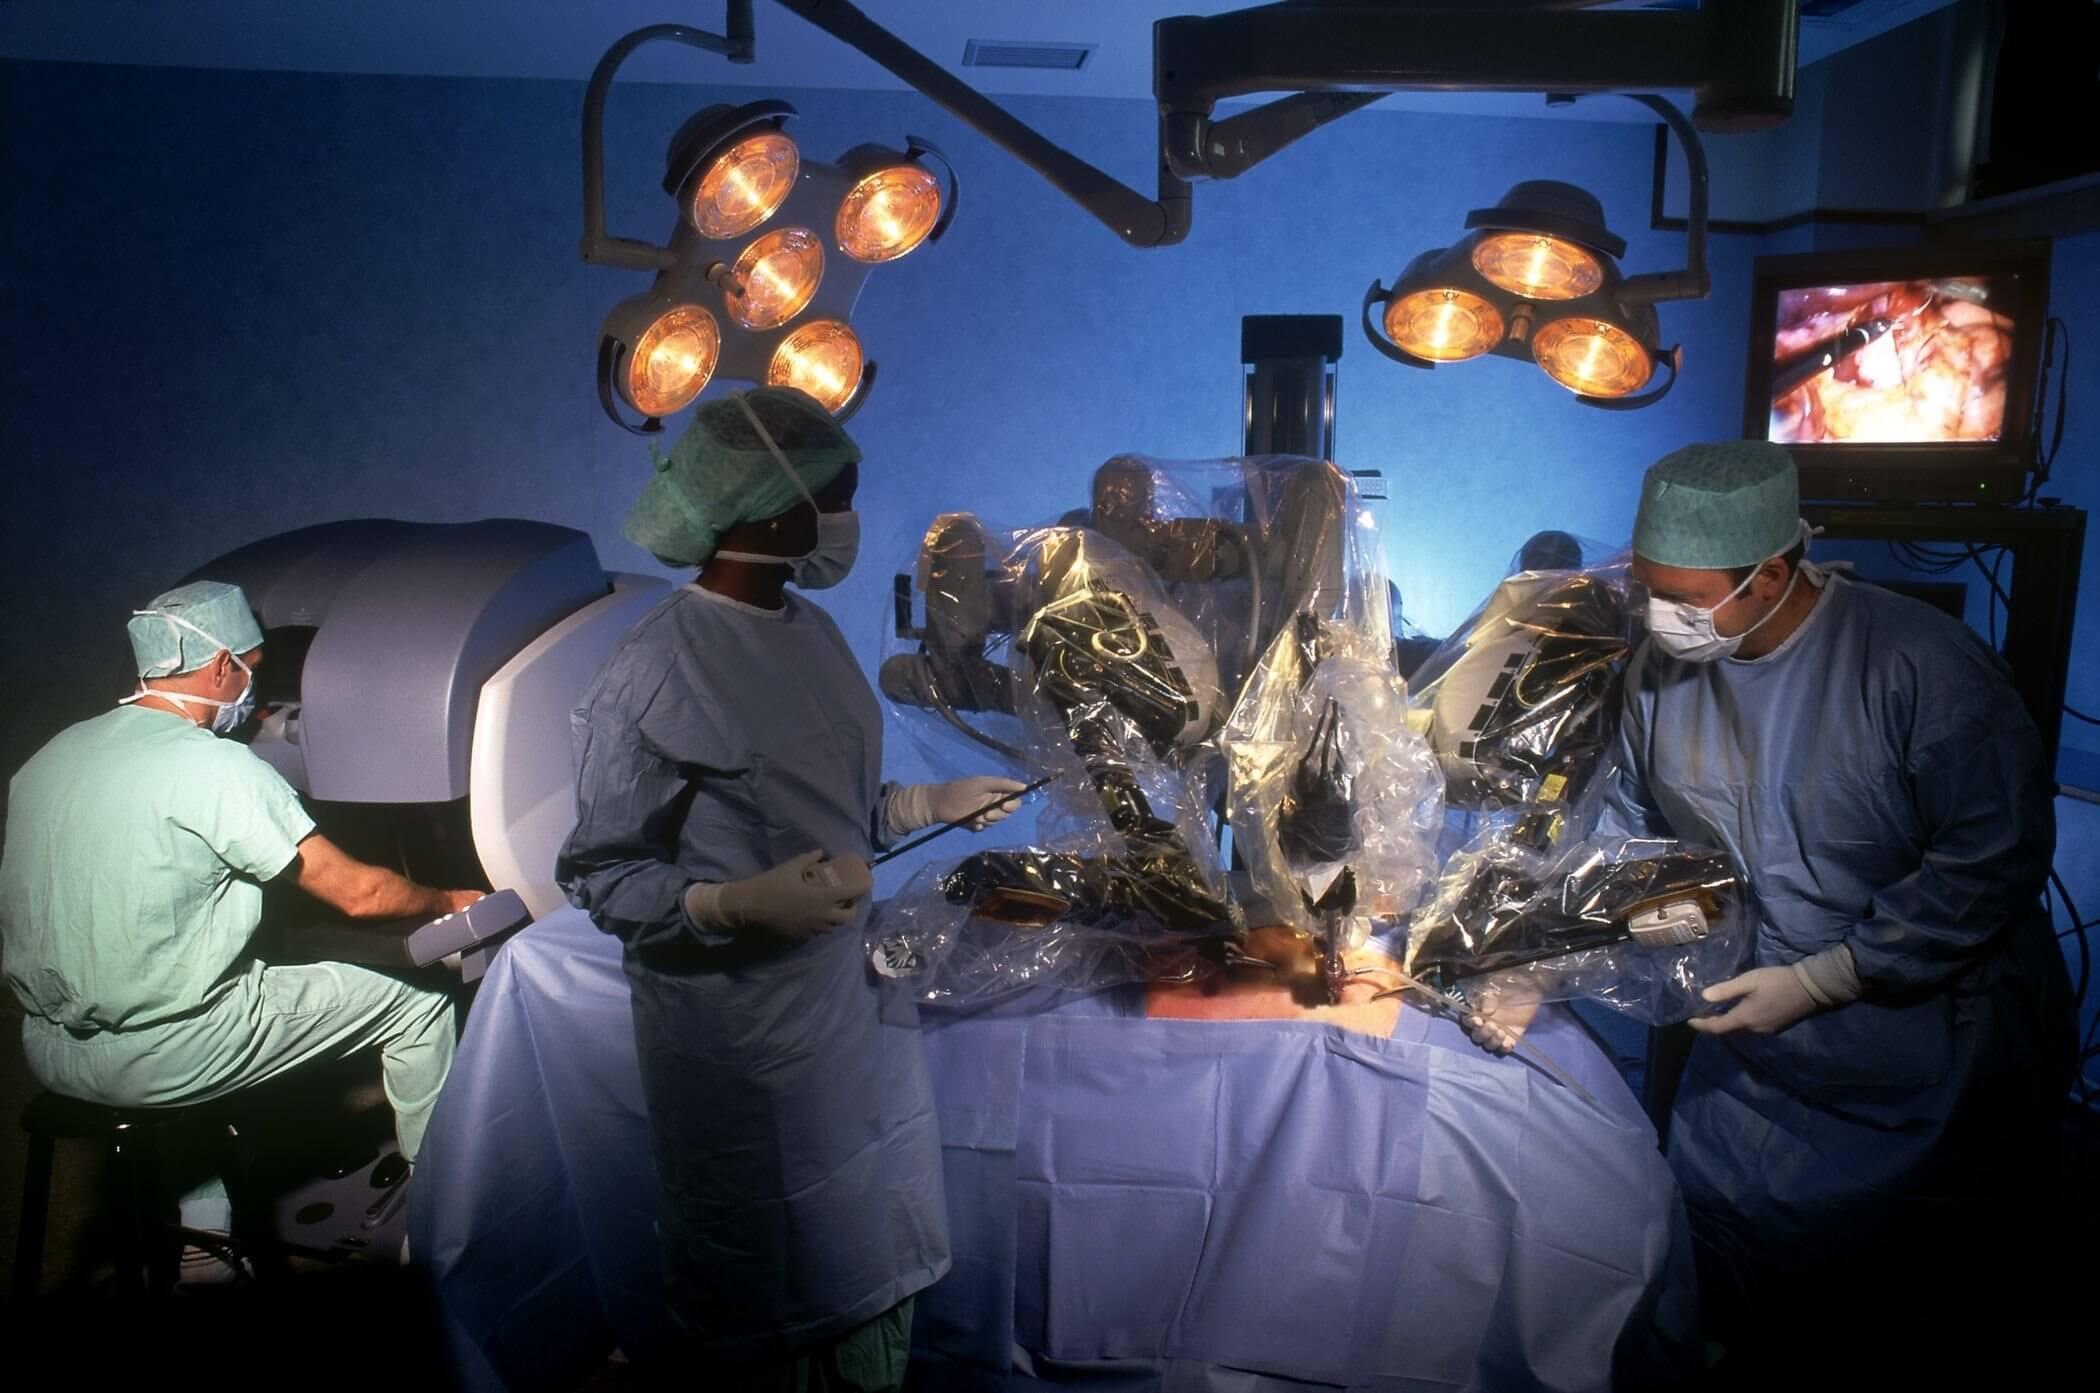 达芬奇手术机器人进行外科手术